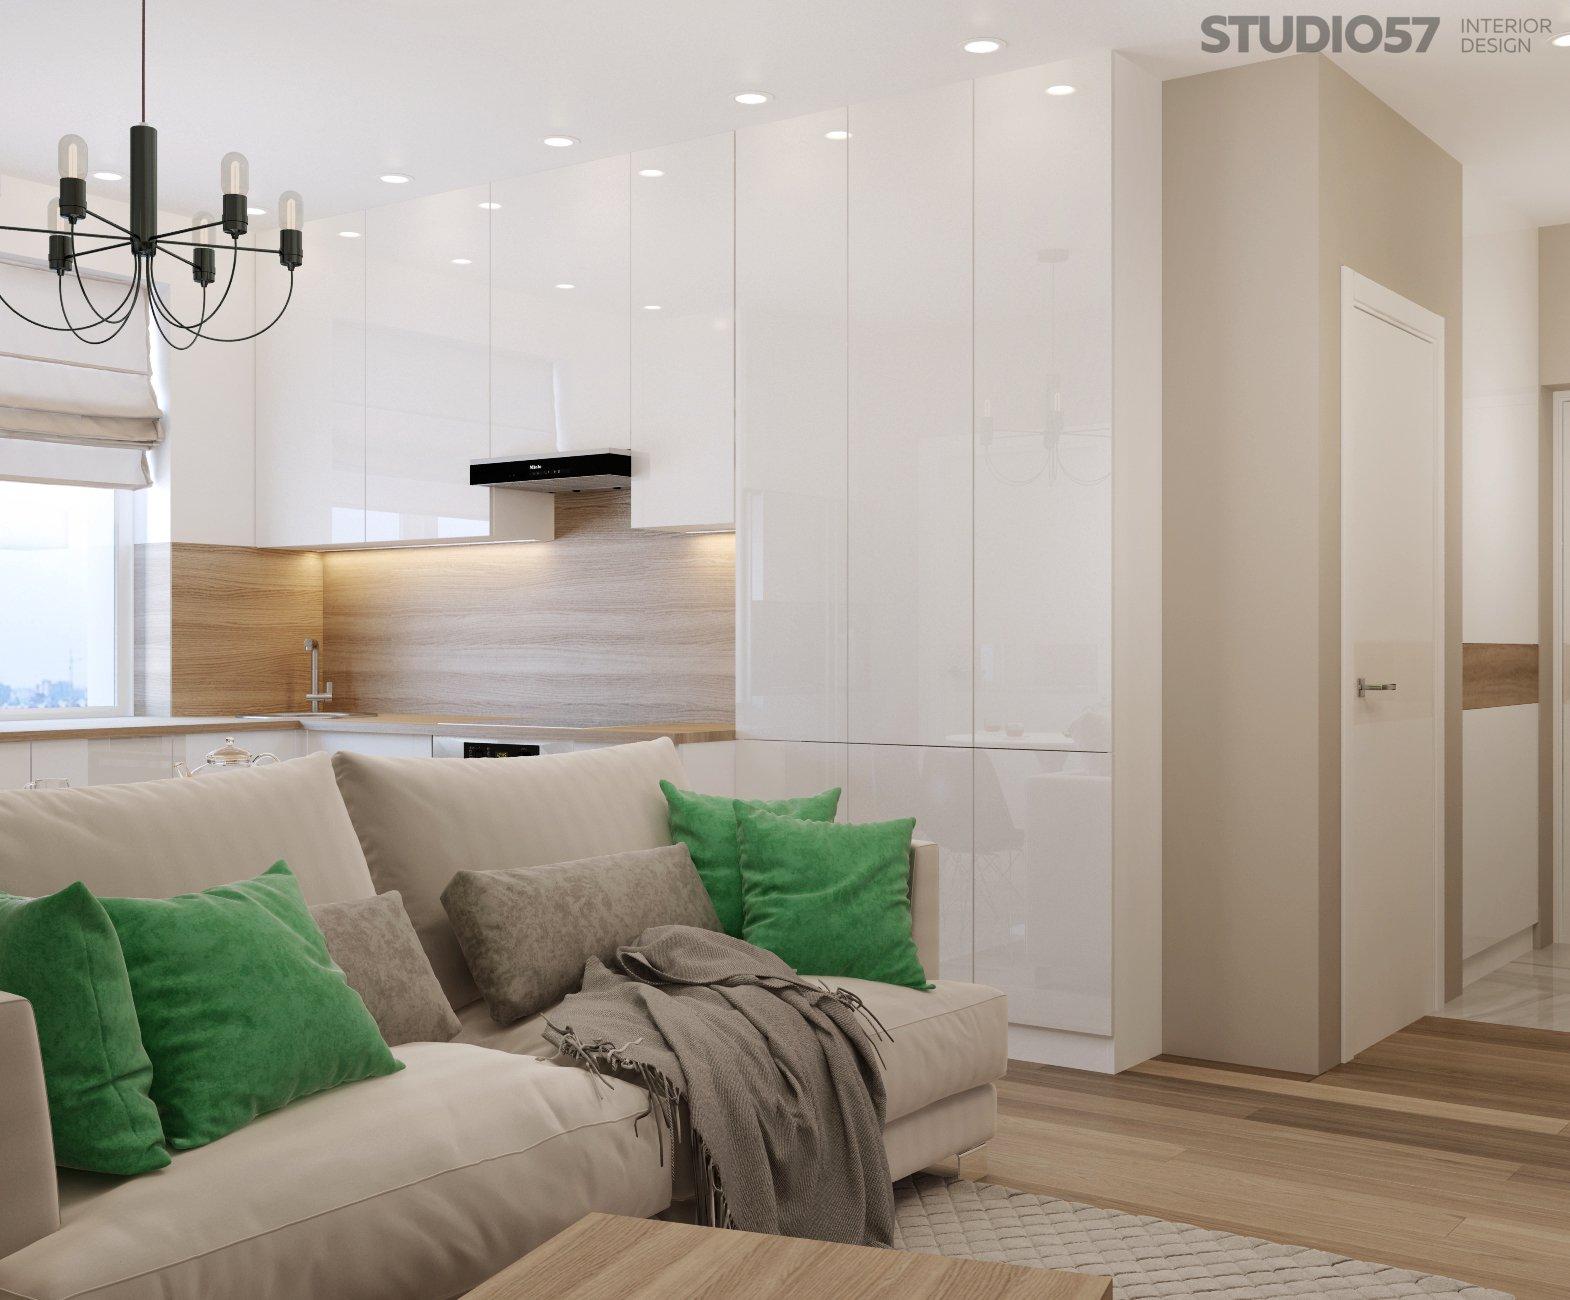 Дизайн интерьера квартиры студии в современном стиле фото